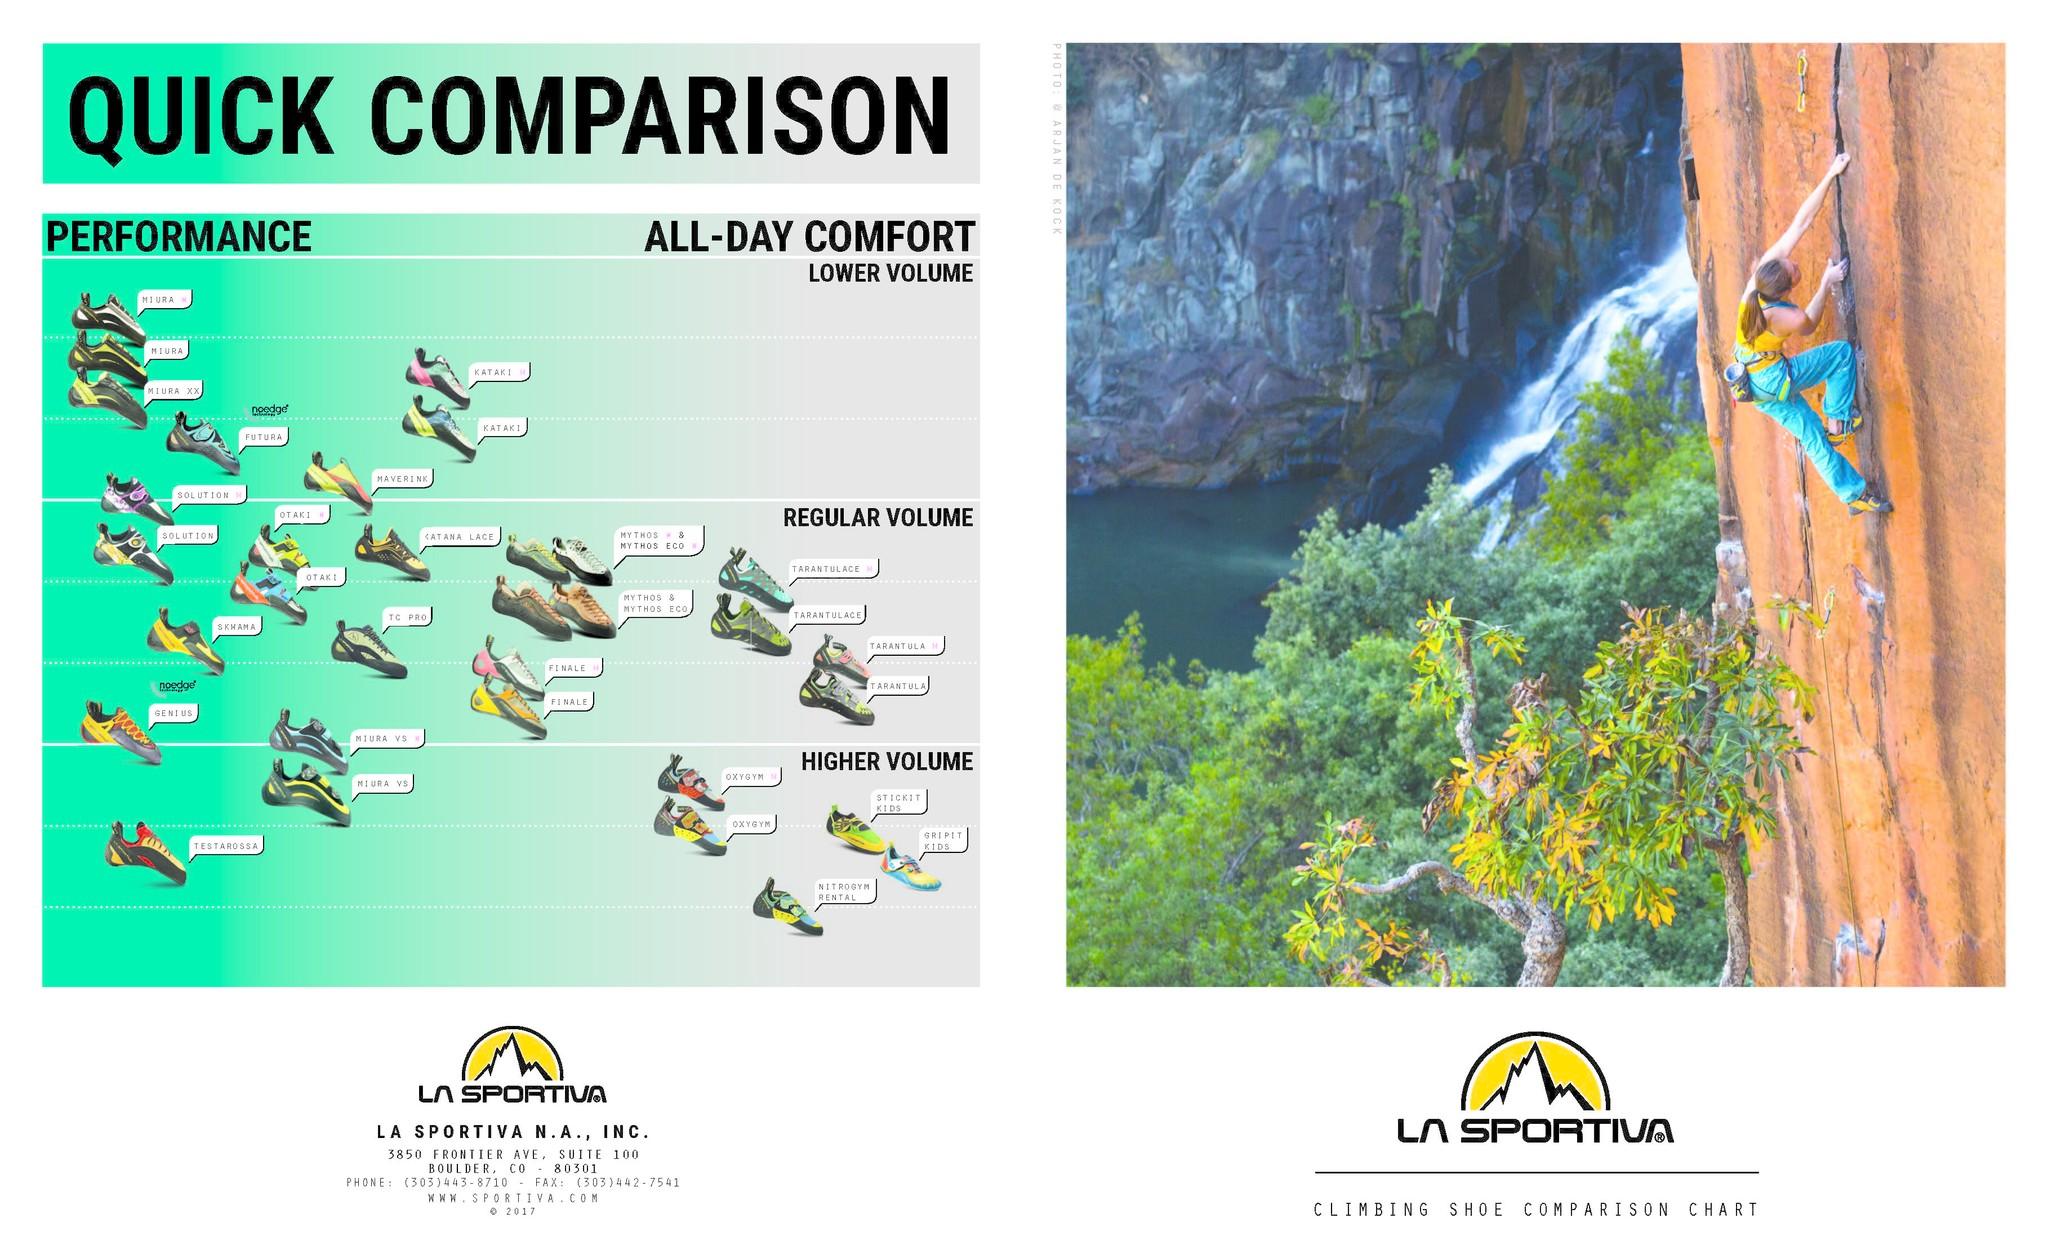 8a59fcccc6 View La Sportiva Climbing Shoe Quick Comparison Graph